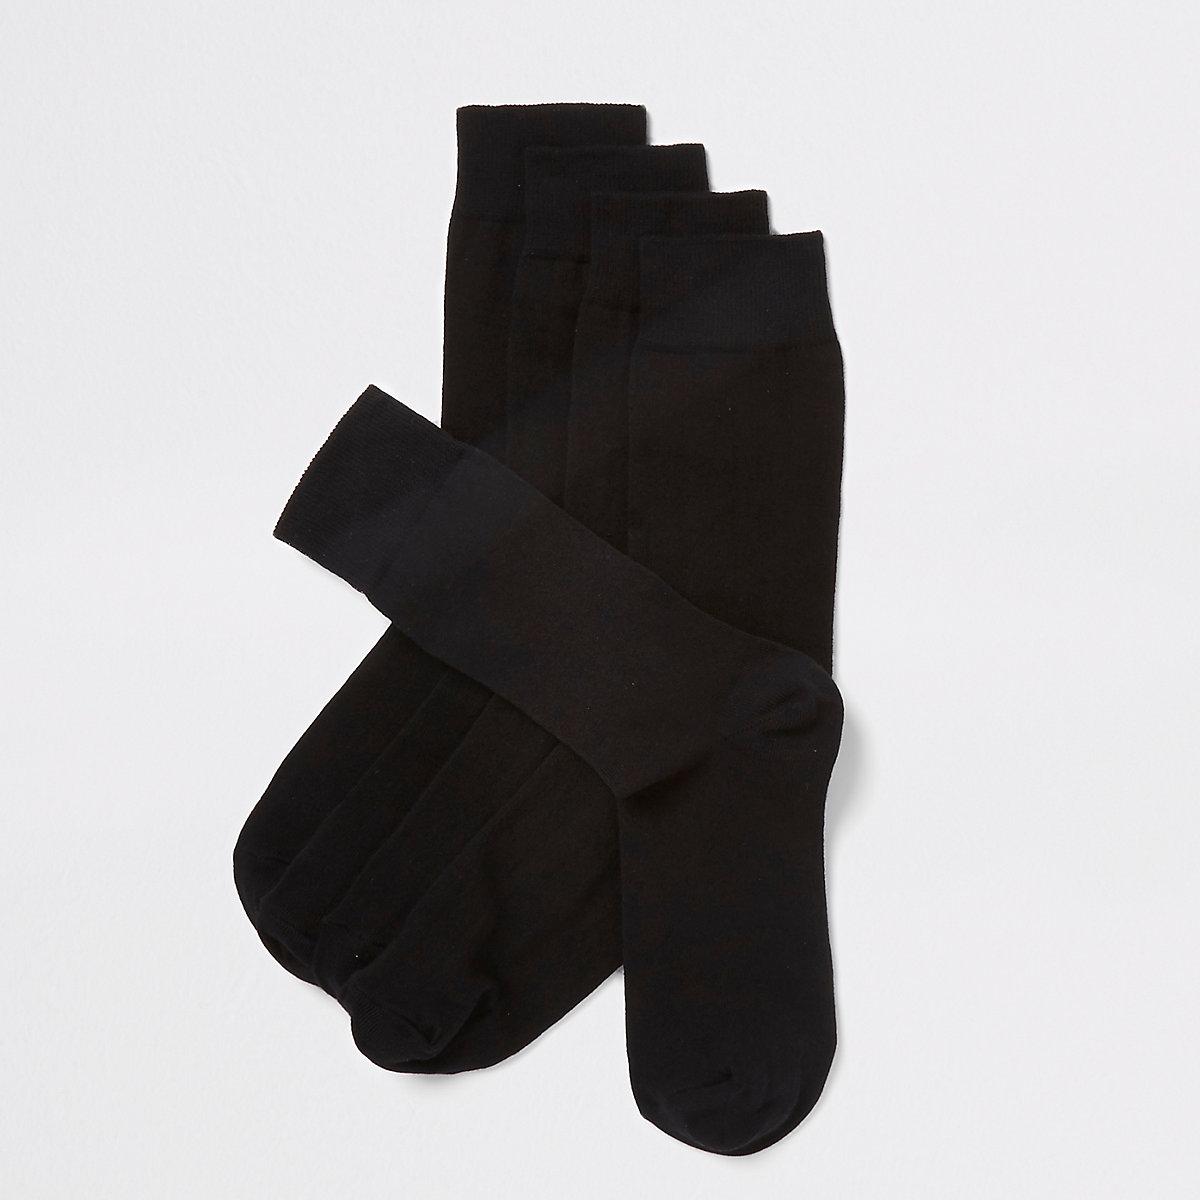 Lot de5 paires de socquettes noires